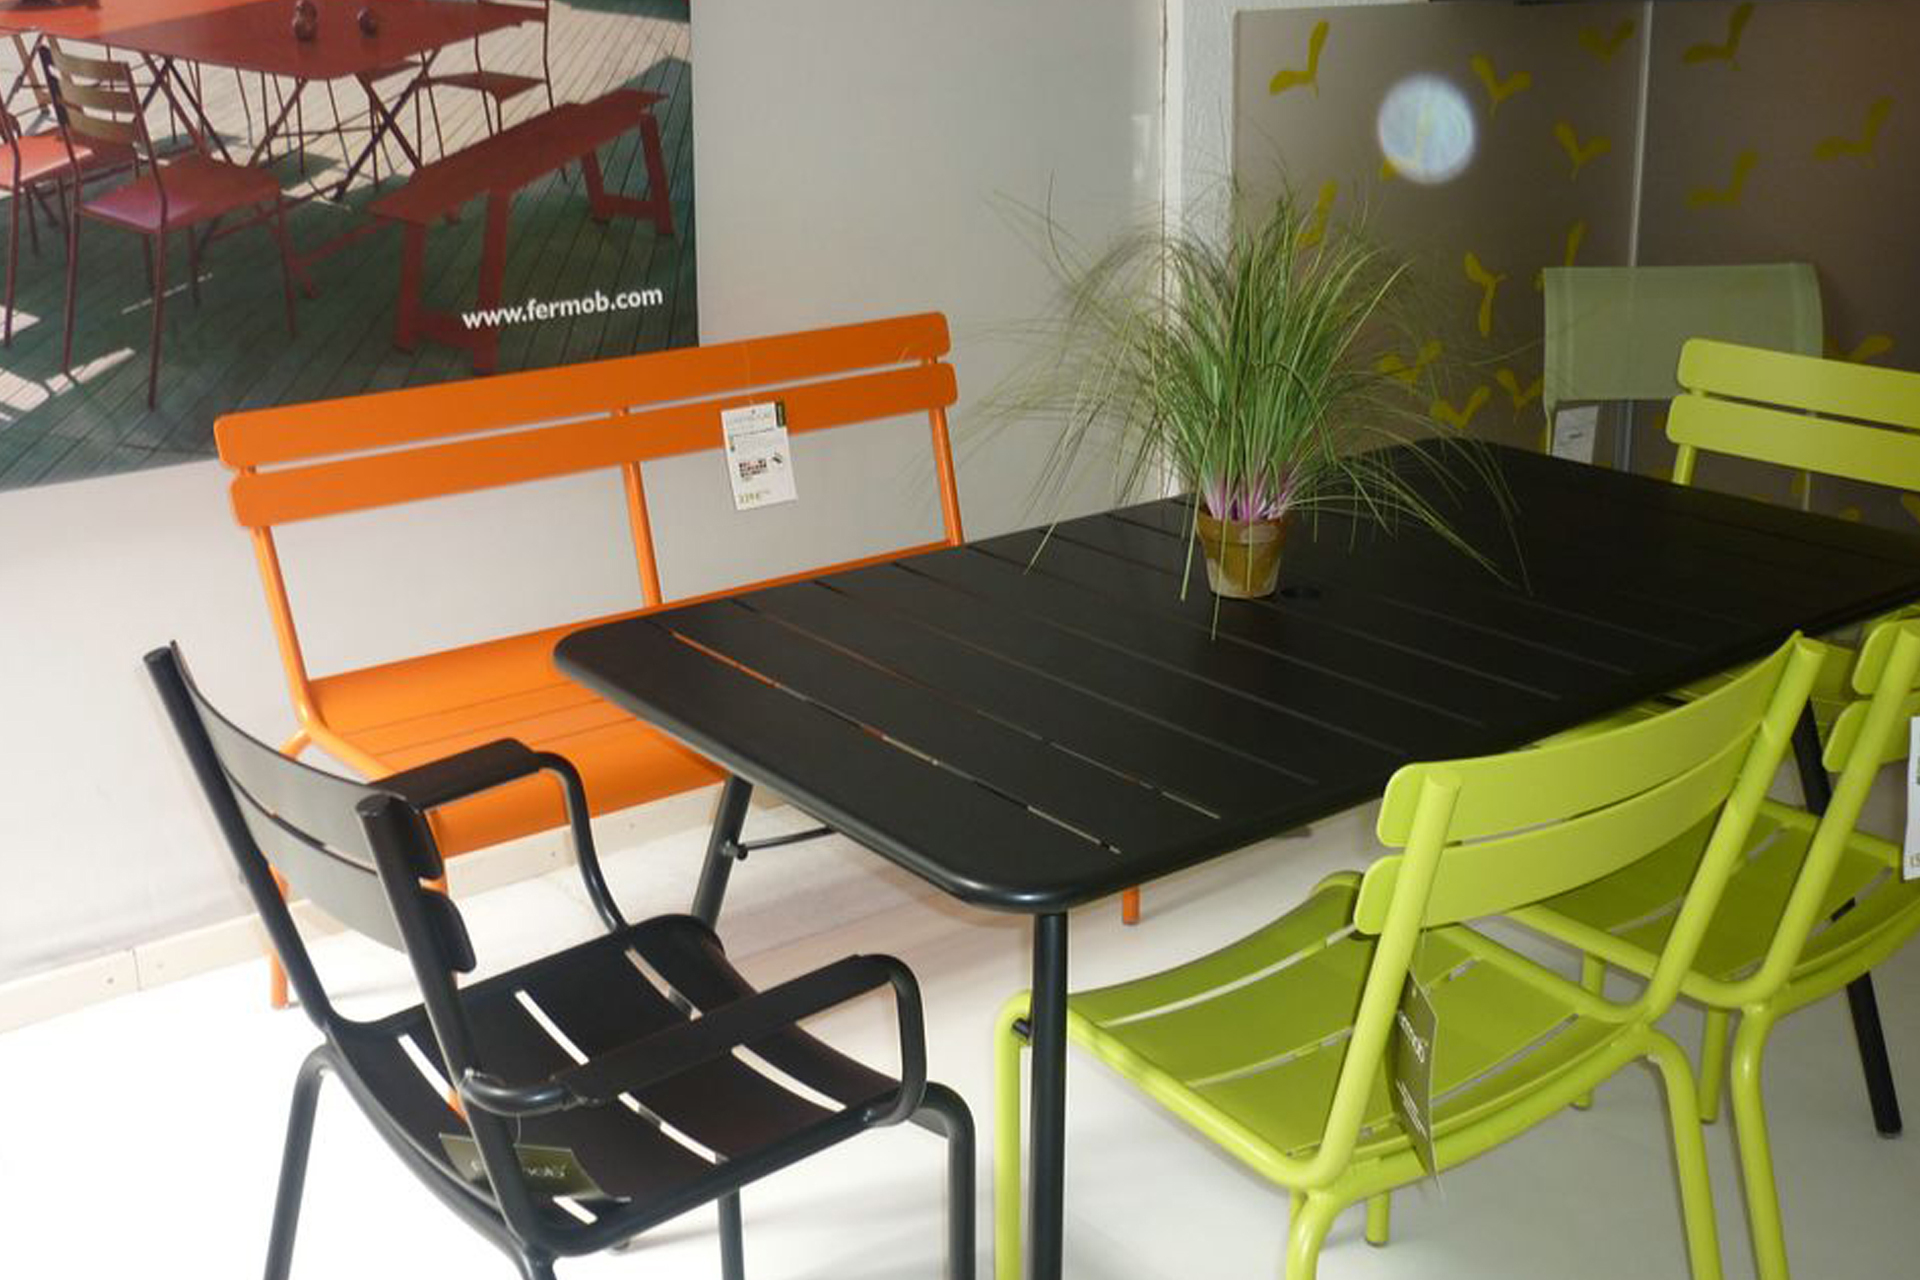 Cuisine: Nos Collections Mobilier Exterieurdcaabbcjpg ... avec Salon De Jardin Métal Coloré